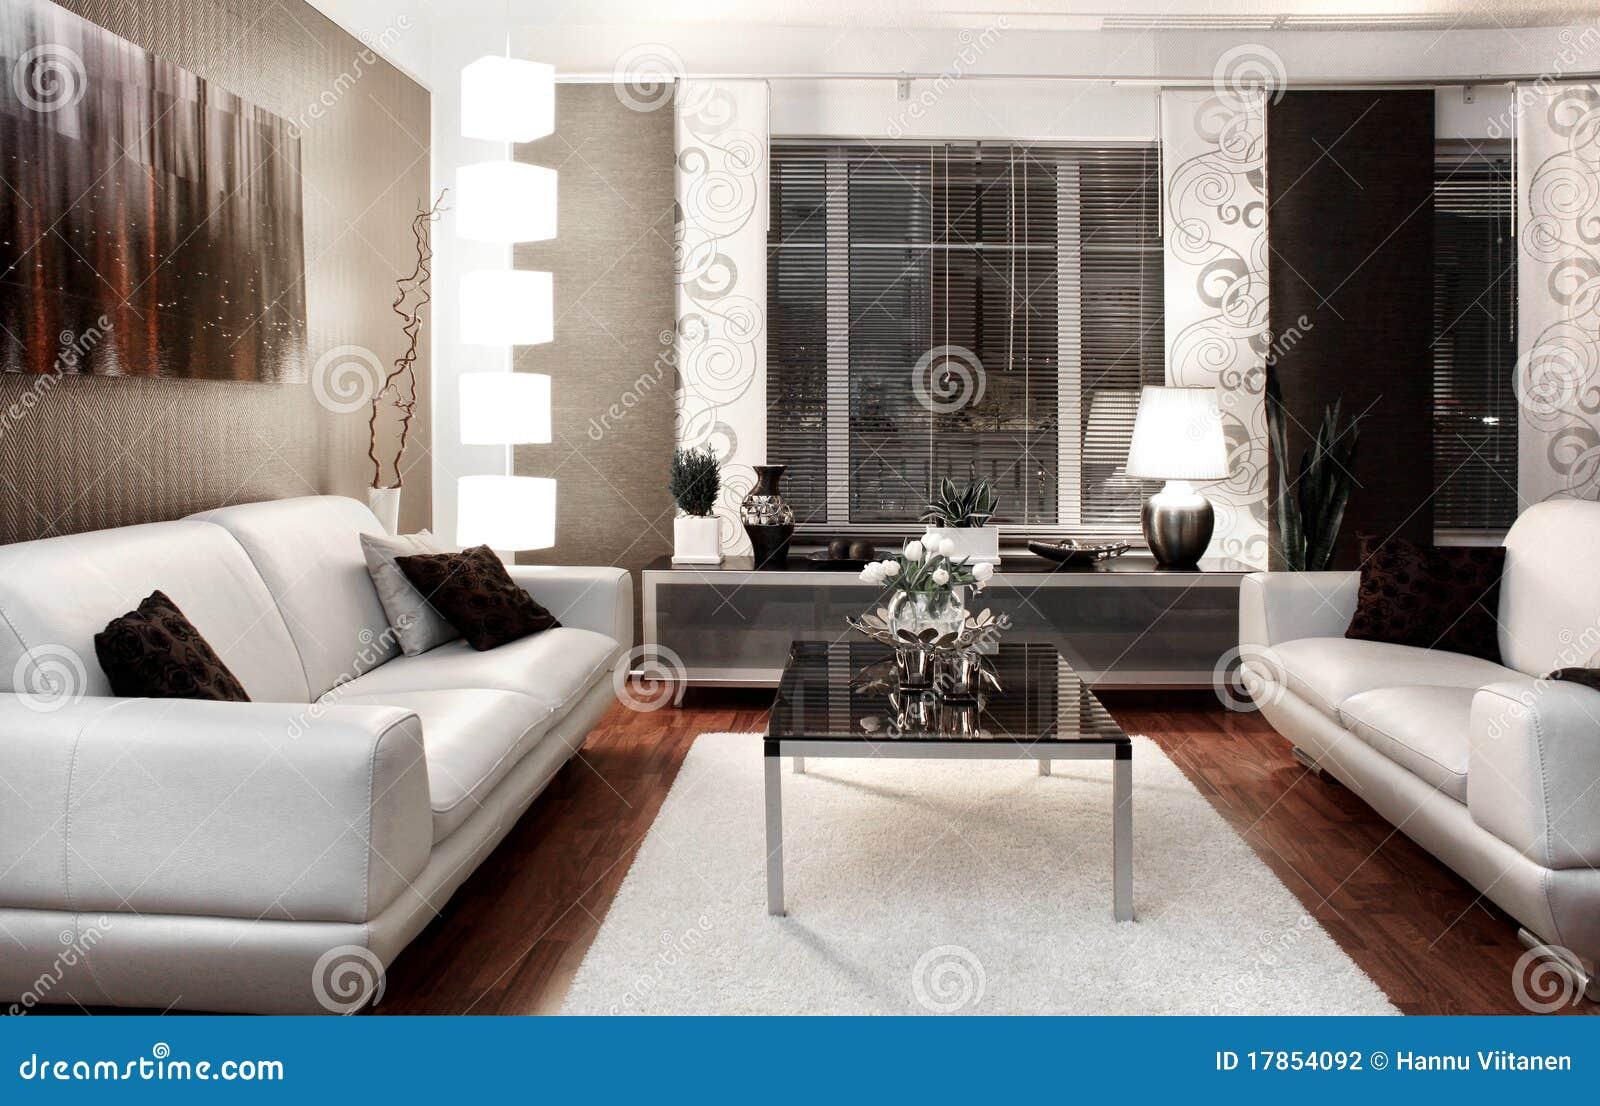 Modernes wohnzimmer stockfotografie bild 17854092 for Wohnzimmer junggeselle